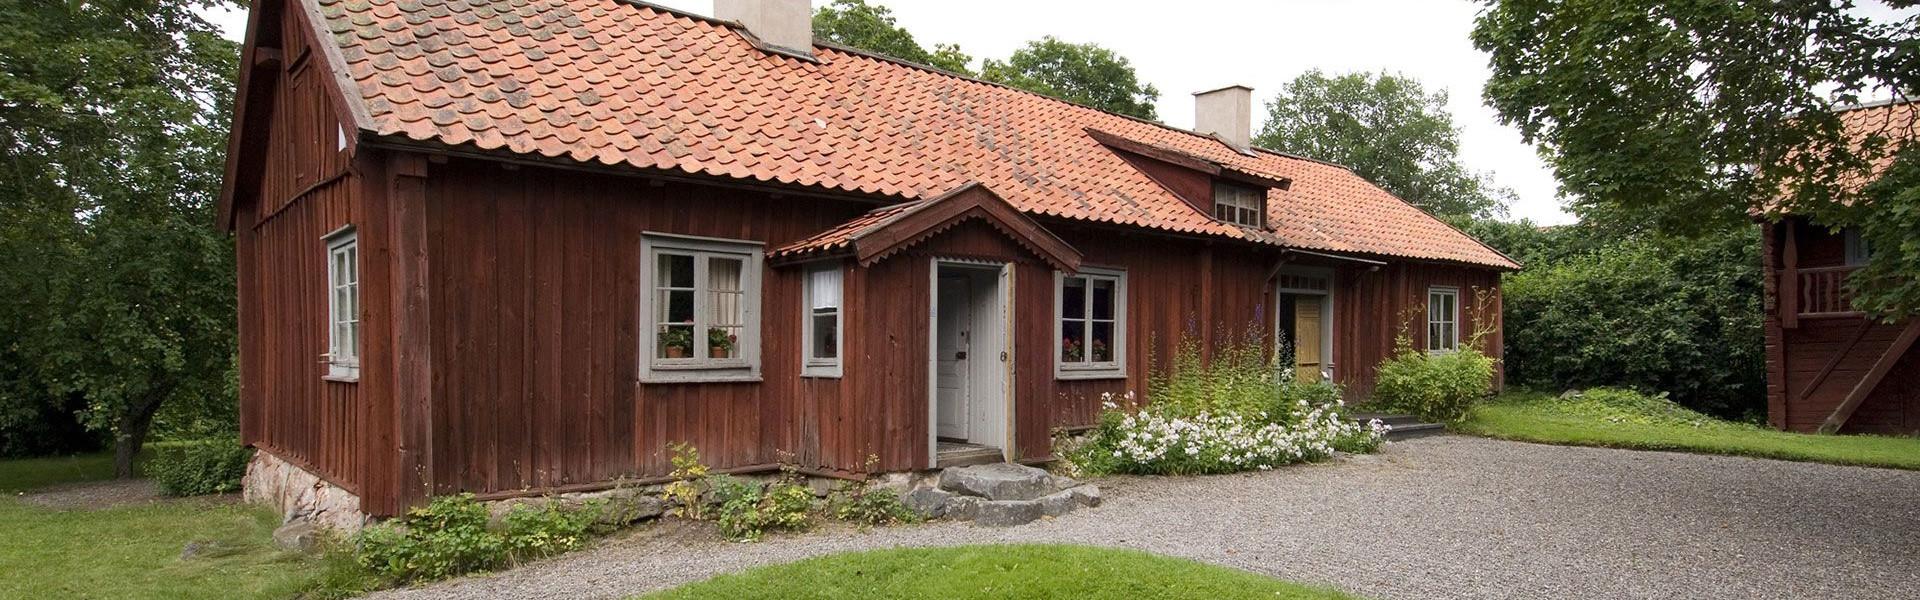 Härkeberga kaplansgård.